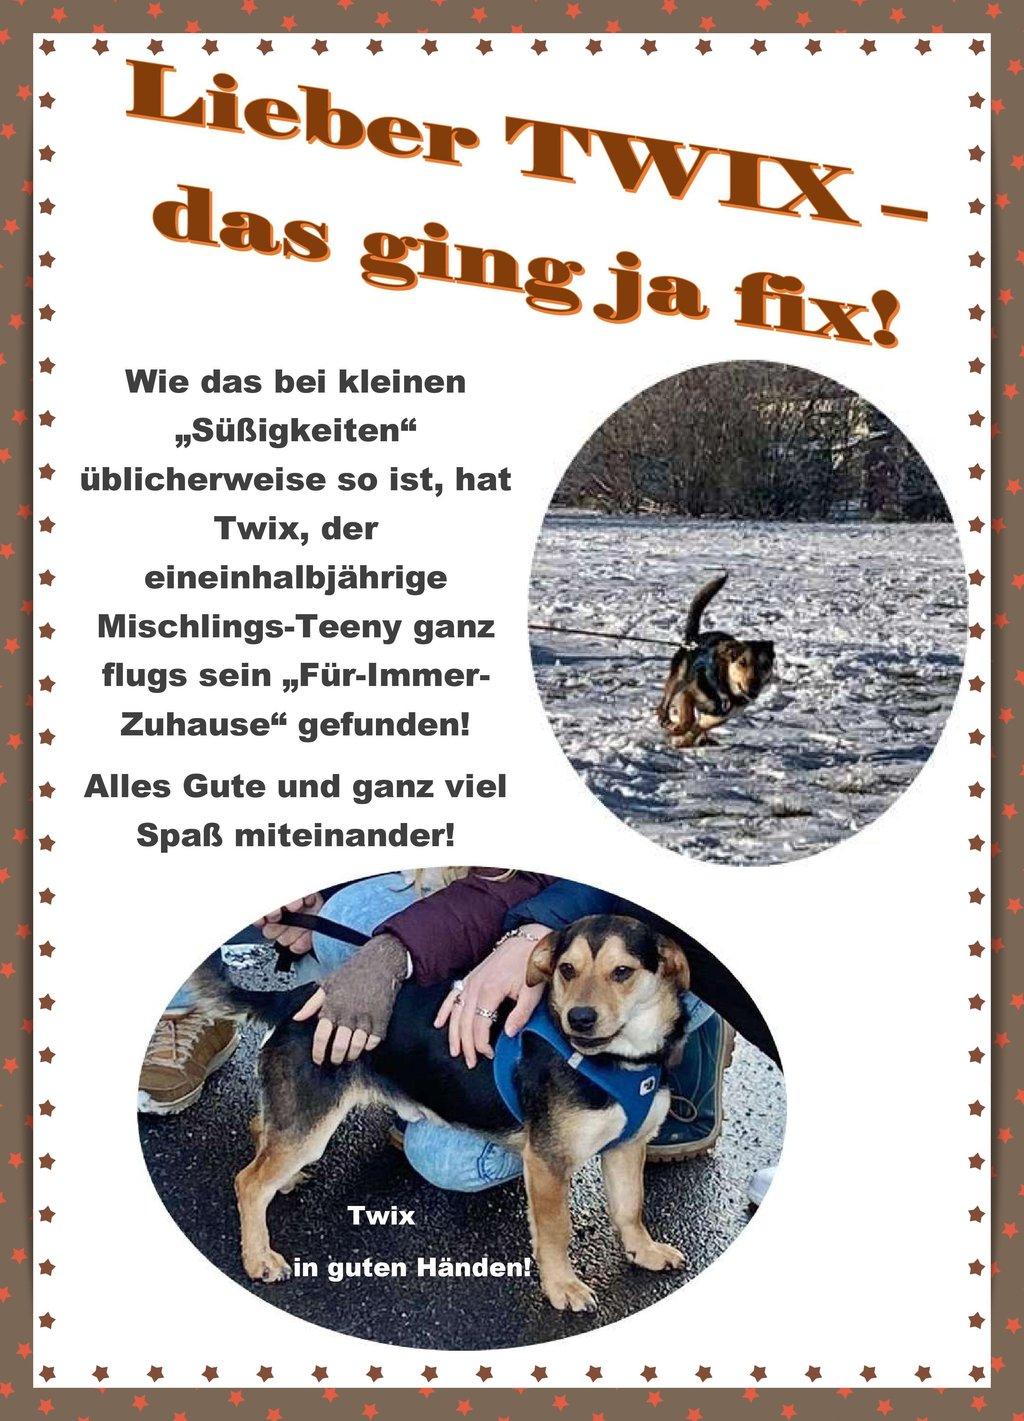 Die Erfolgsgeschichte mit Bildern von Hund Twix